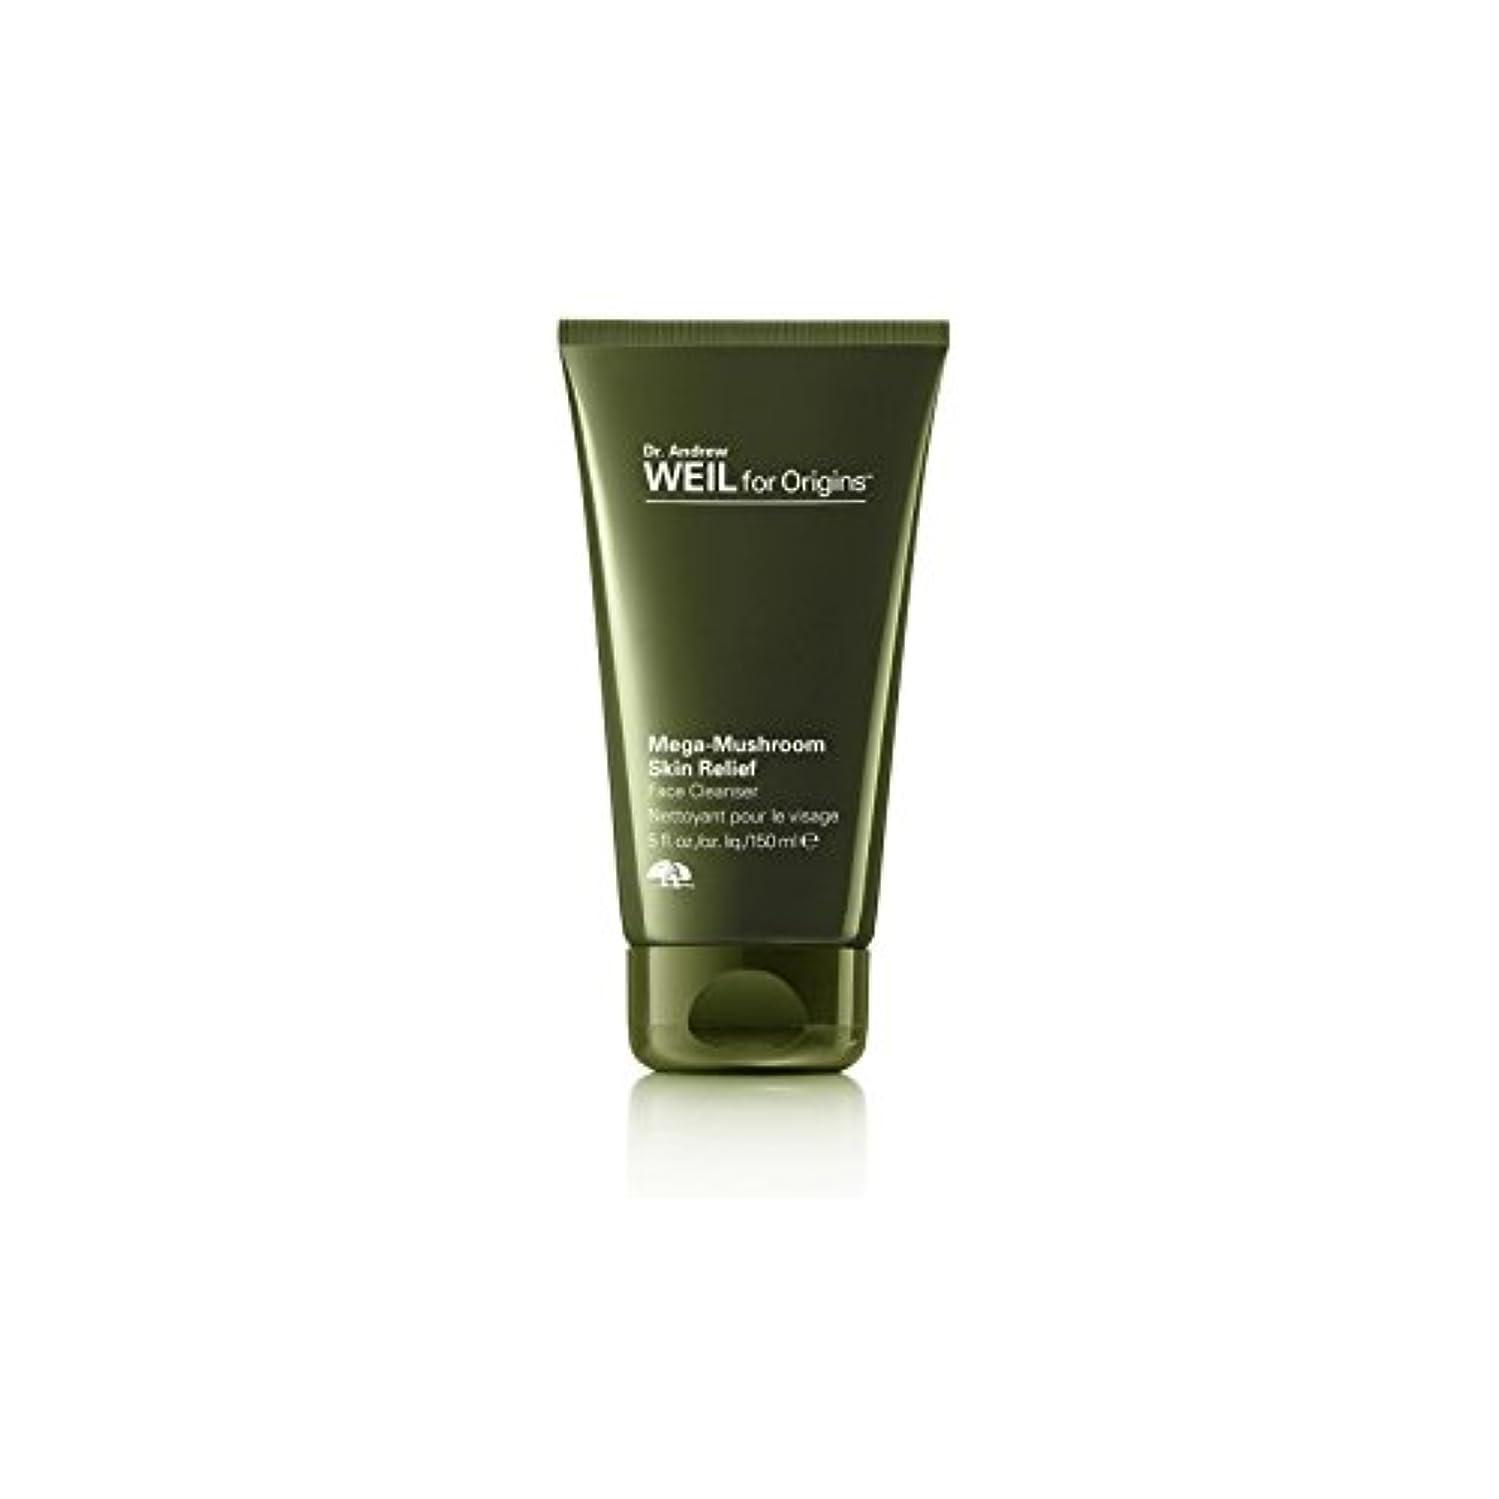 誰推進特派員起源アンドルー?ワイル起源メガキノコ皮膚救済顔クレンザー150ミリリットルのために x2 - Origins Dr. Andrew Weil For Origins Mega-Mushroom Skin Relief Face...